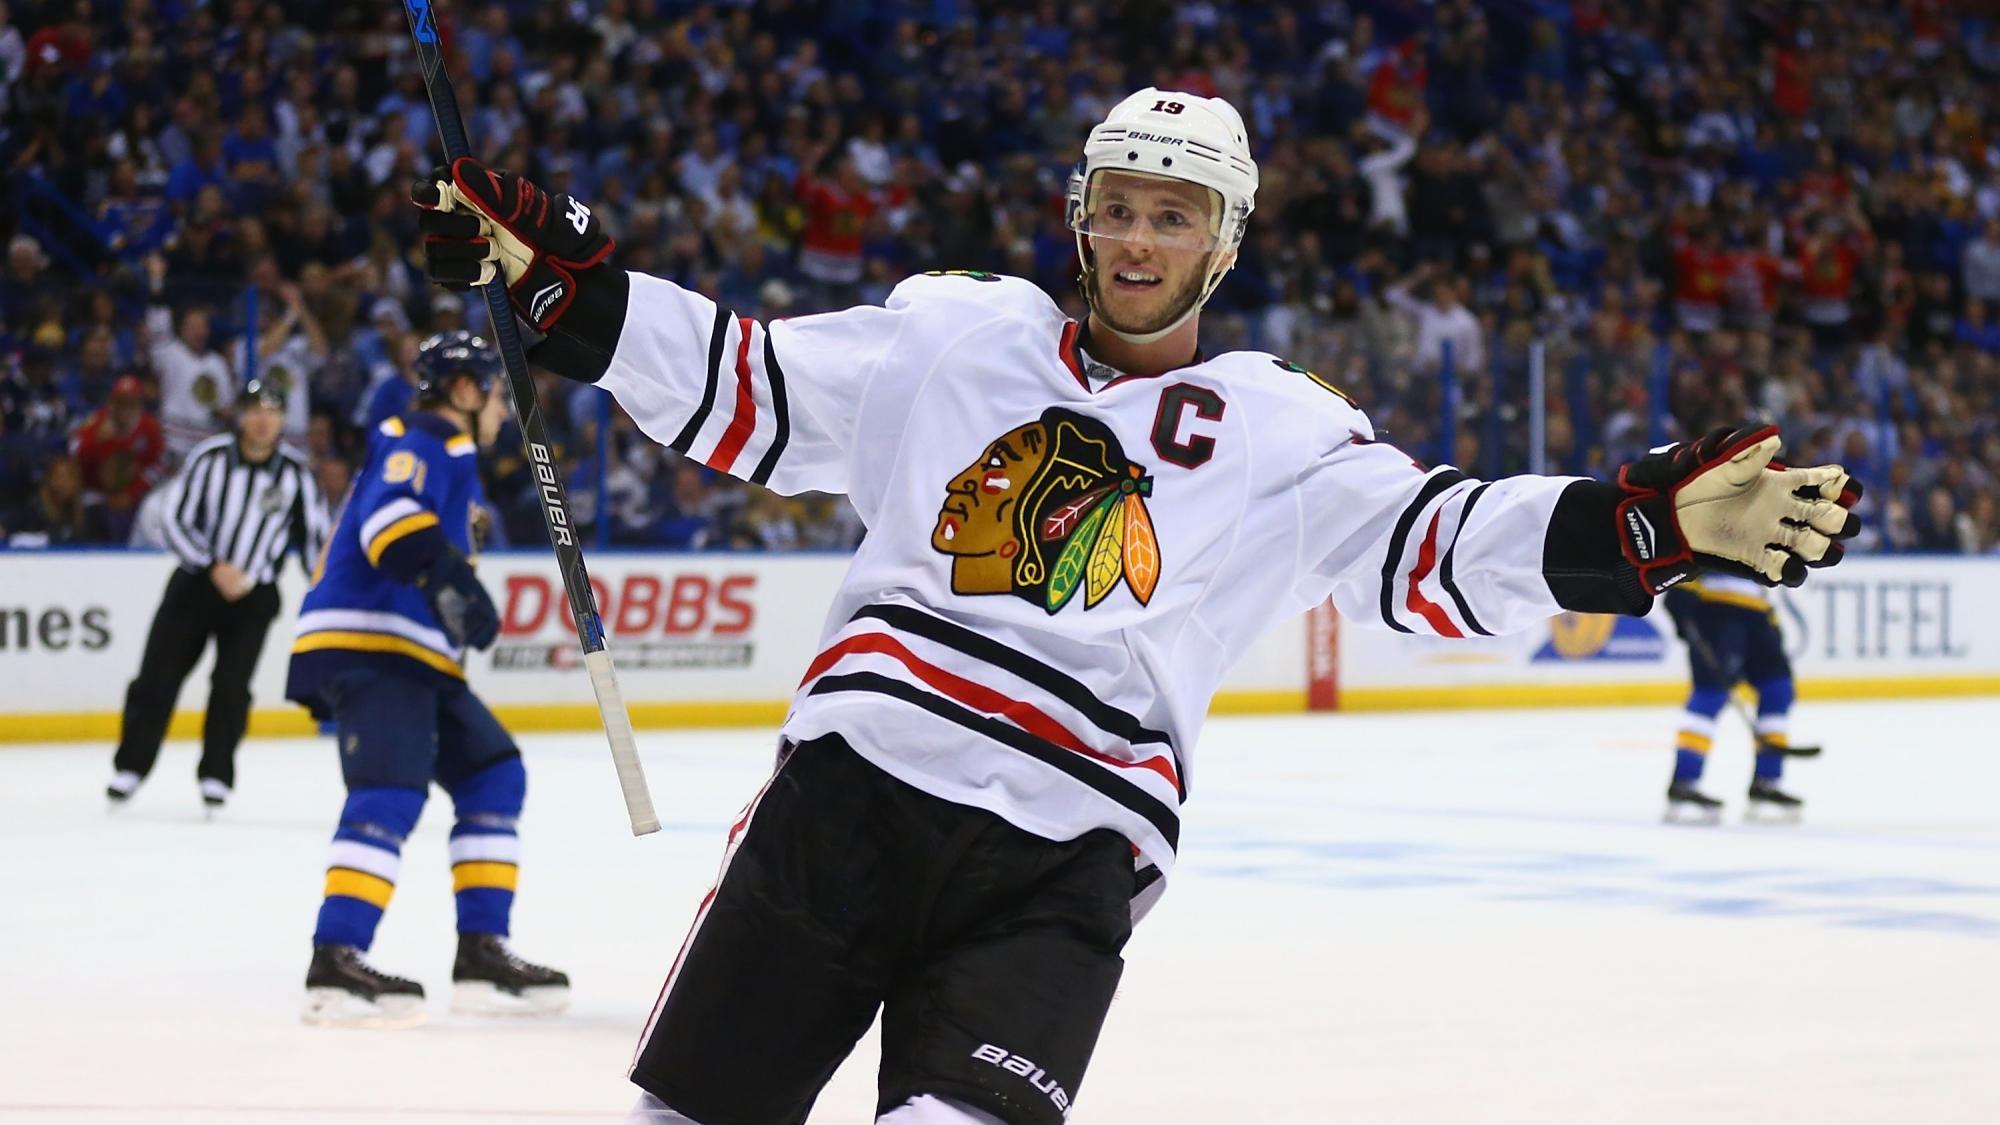 Источник: Сезон НХЛ близок к рестарту в формате плей-офф из 24 команд